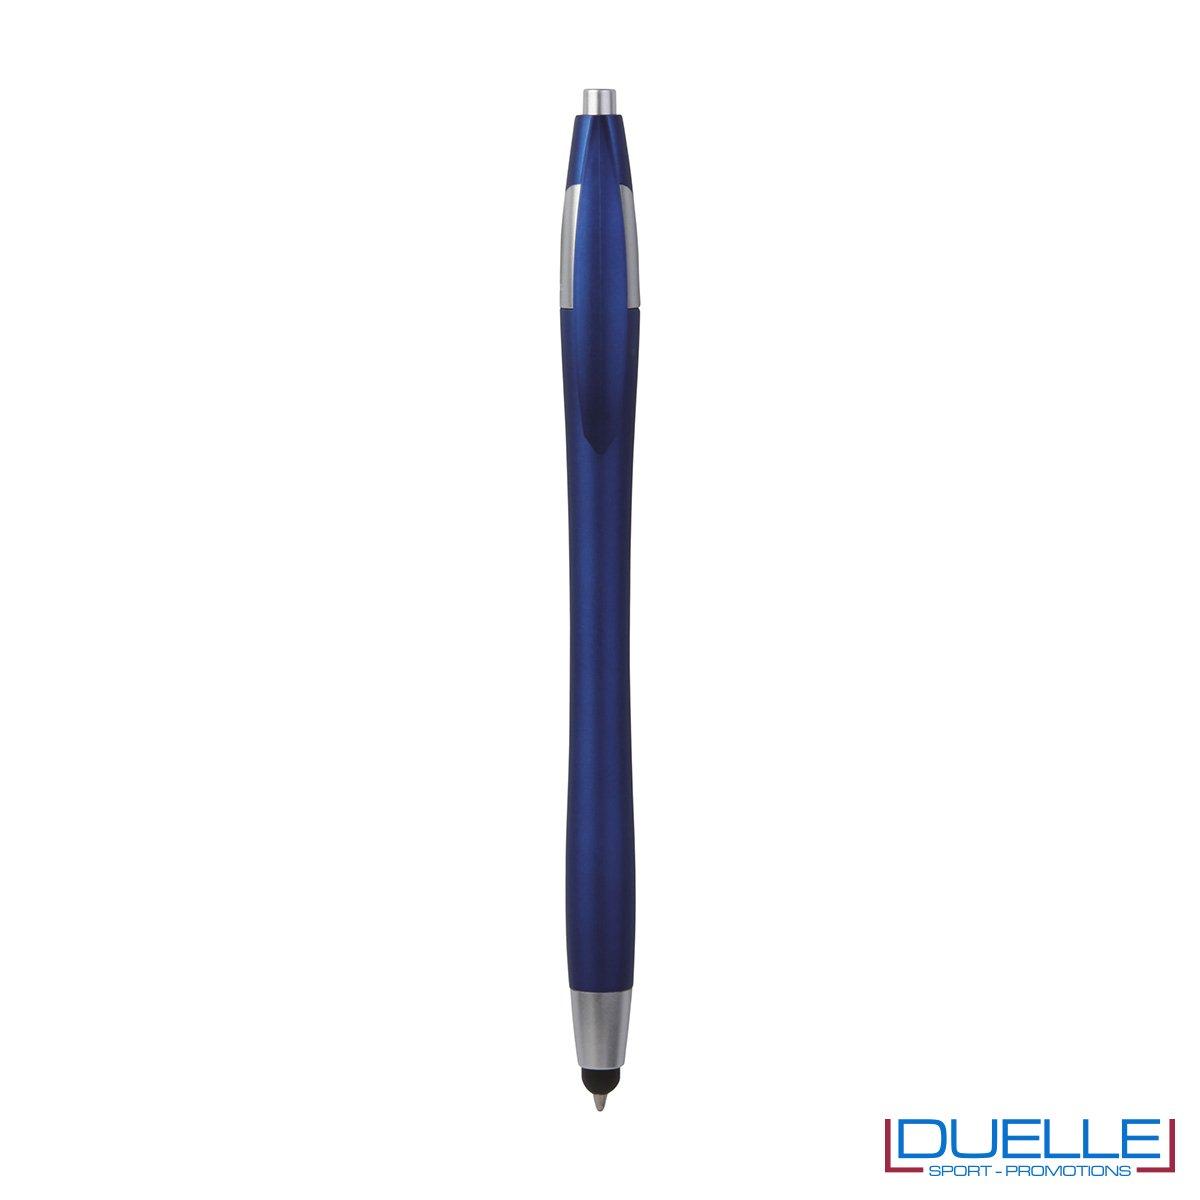 Penna touch screen a sfera in plastica . La chiusura è a scatto.